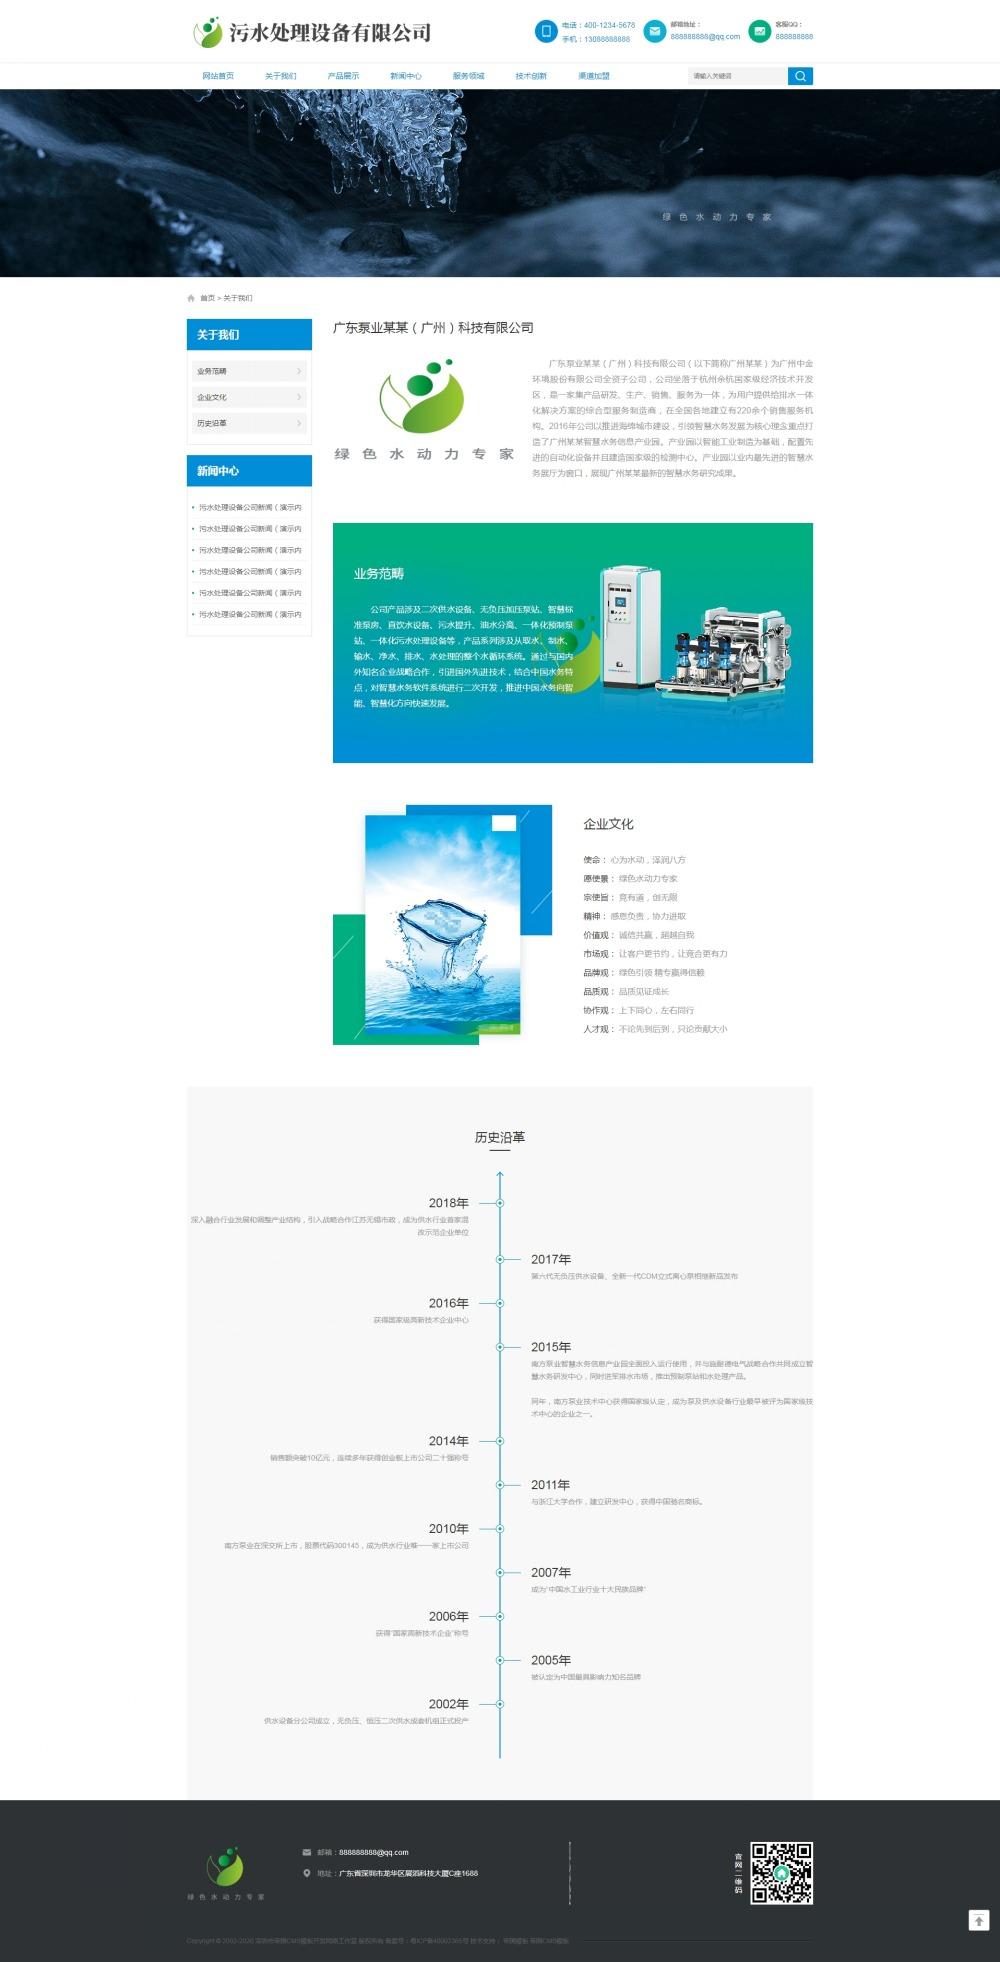 2关于我们.jpg [DG-0182]响应式环保污水处理设备类网站帝国cms模板 html5绿色环保设备帝国网站源码 企业模板 第2张